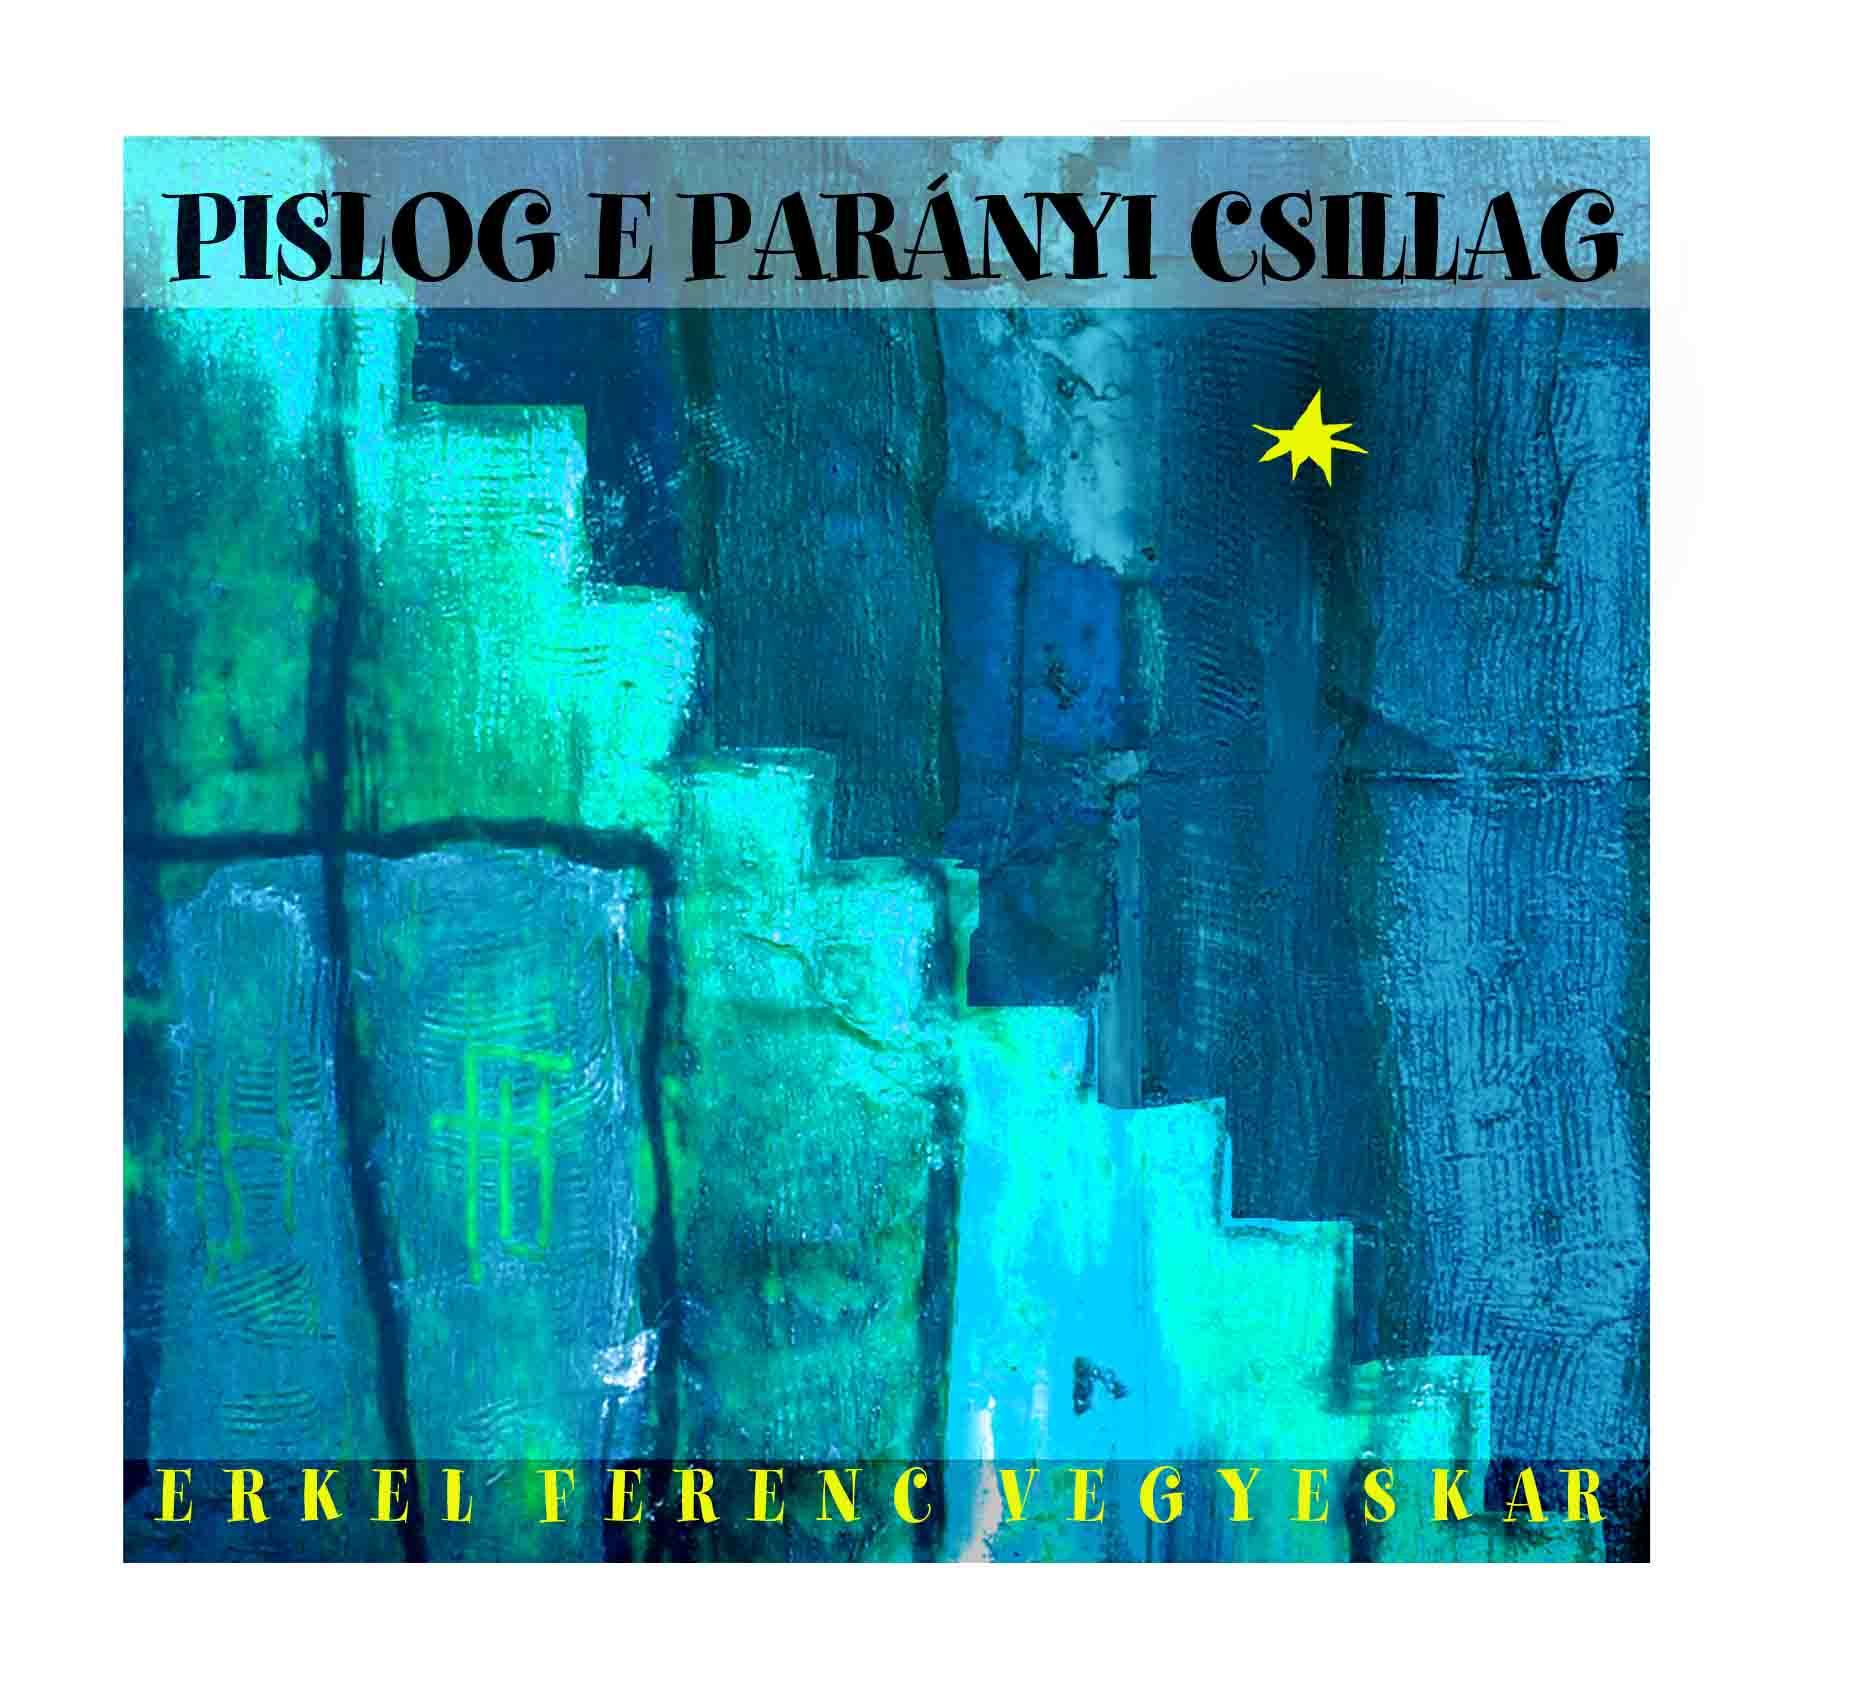 Pislog_e_paranyi